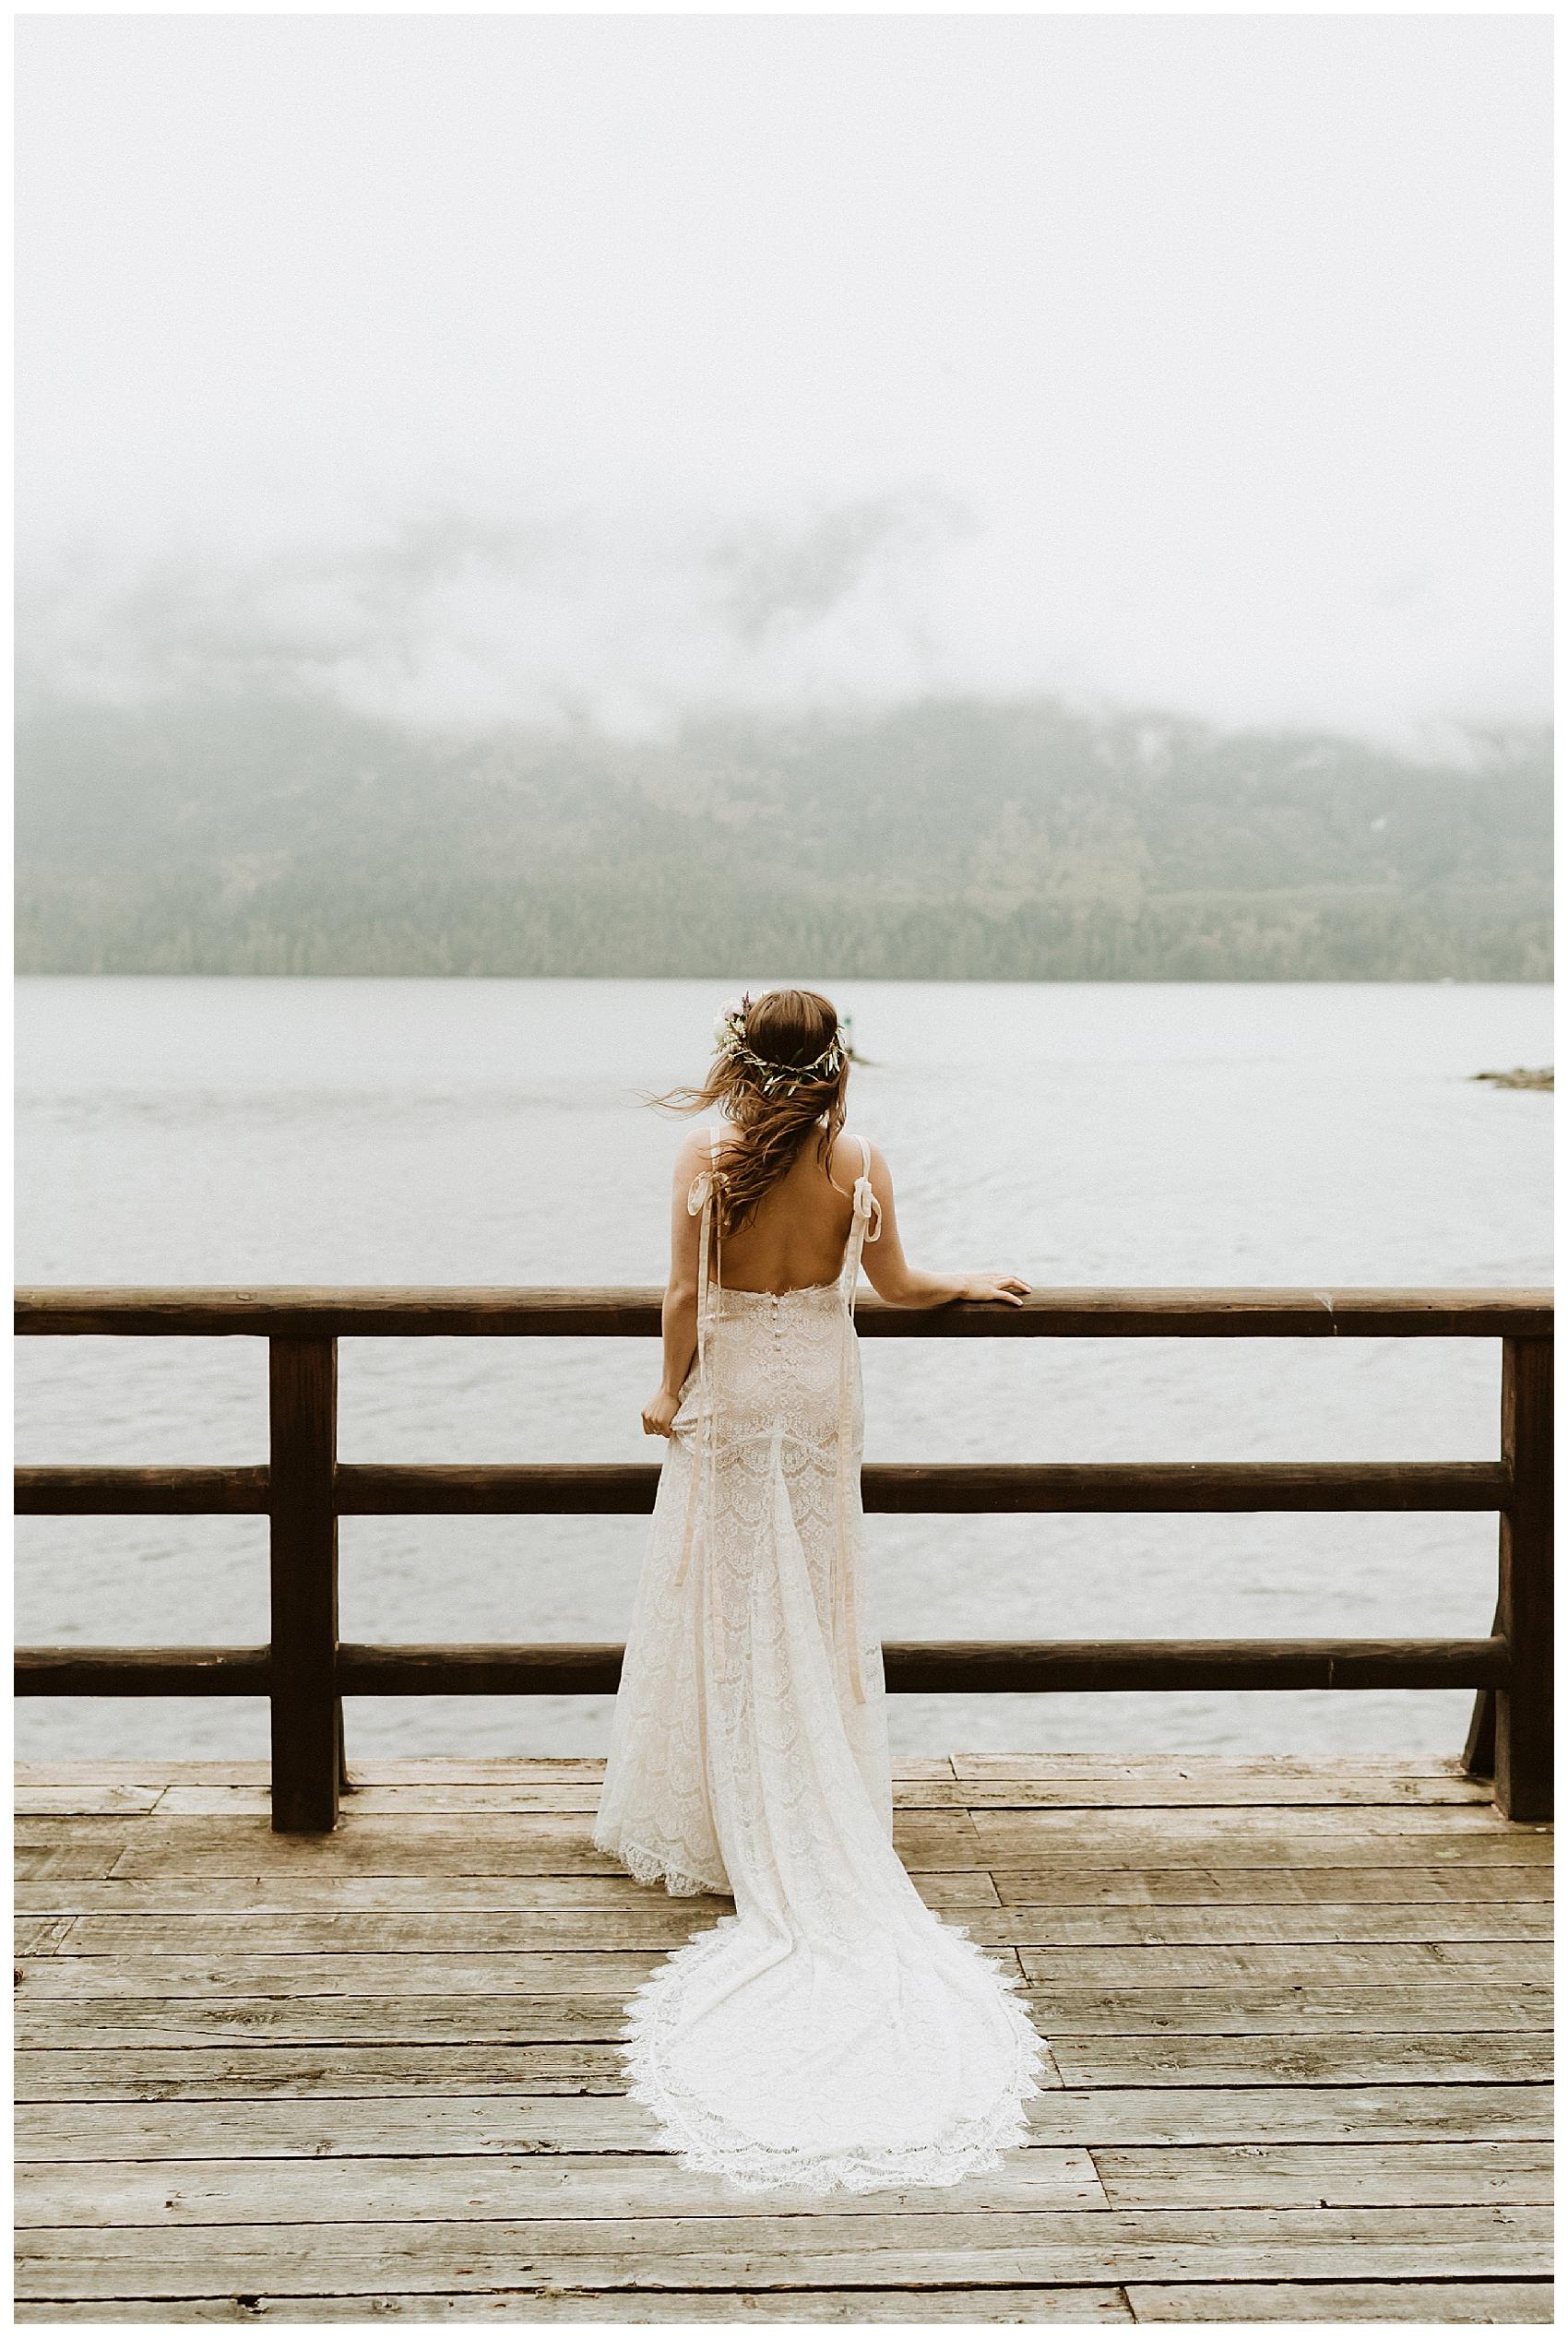 Vancouver BC Elopement Cassie Trottier Photography00023.jpg